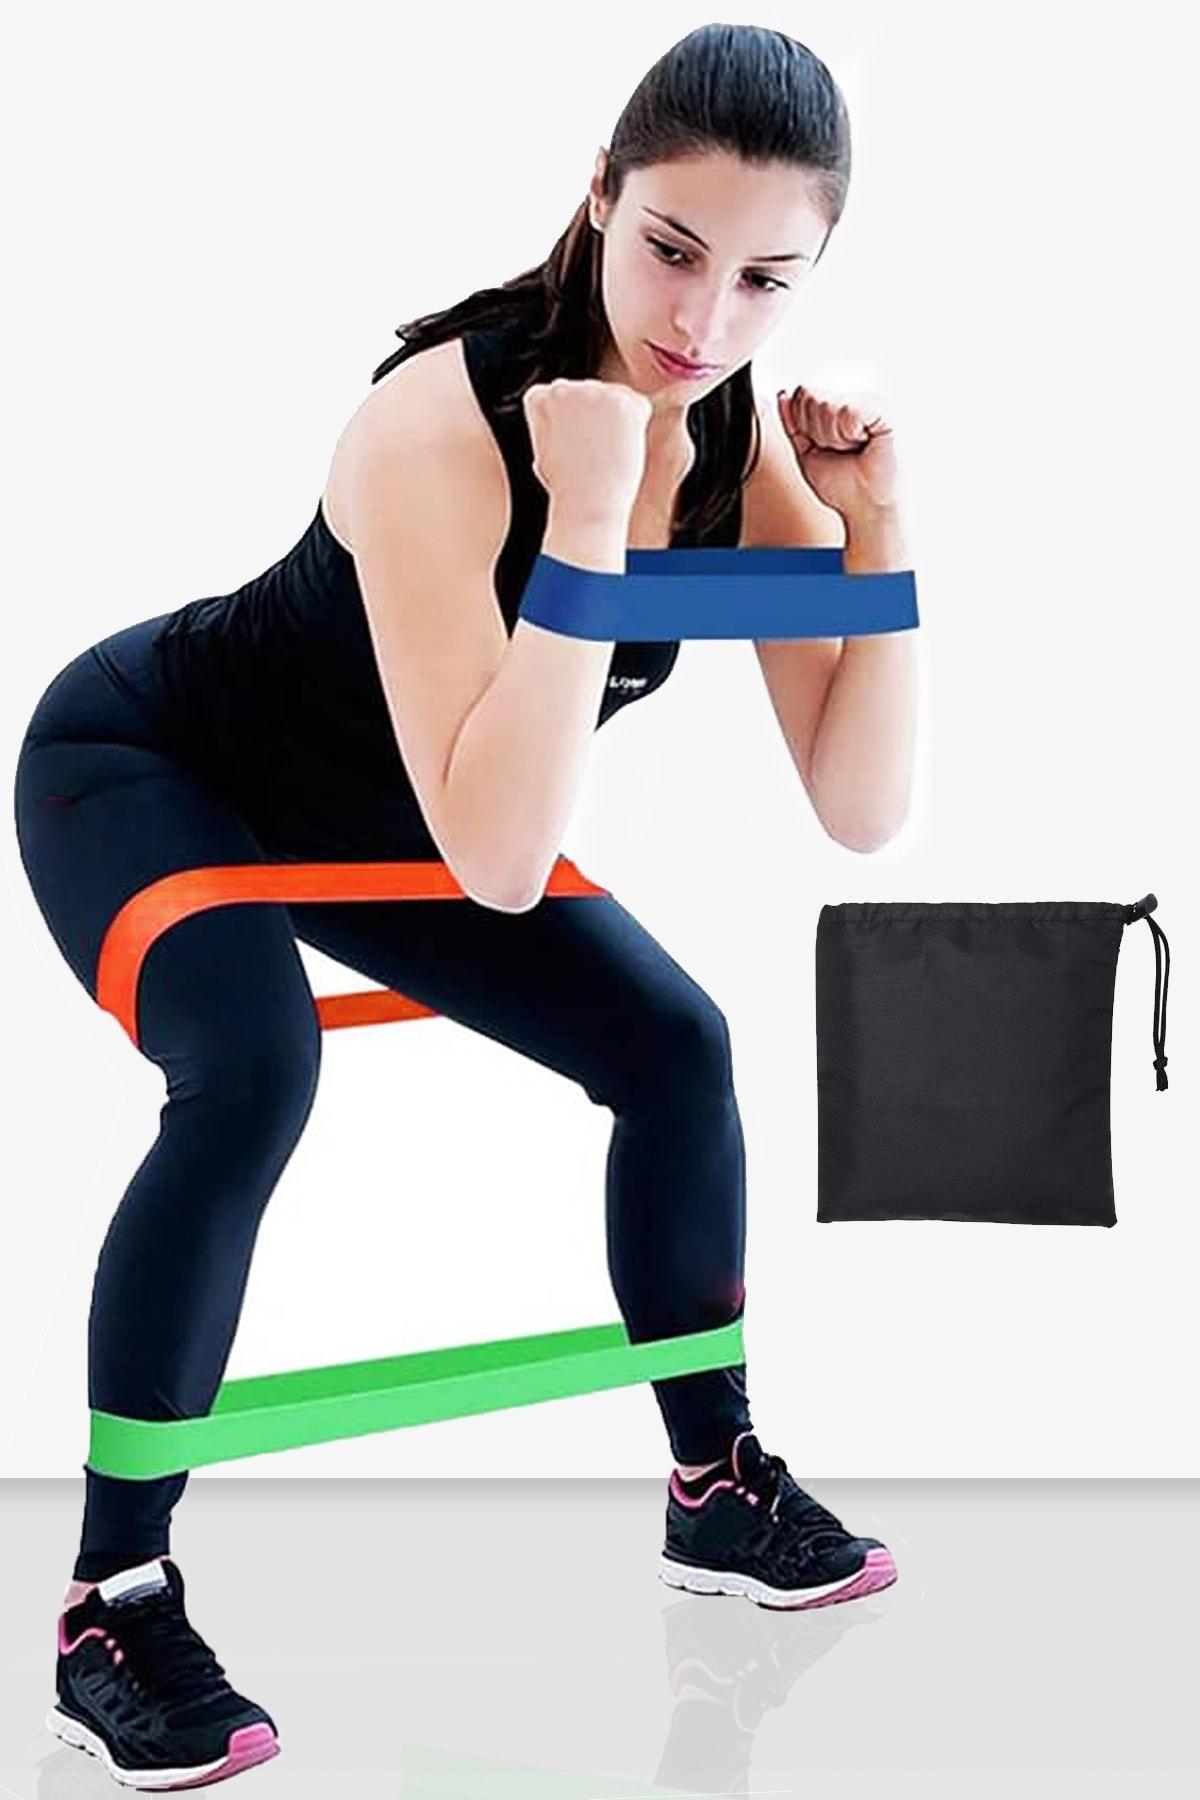 Delta Çantalı 3 Lü Farklı Dirençte Aerobik Bandı Hafif Orta Sert Pilates Squat Çalışma Lastiği Egzersiz 1